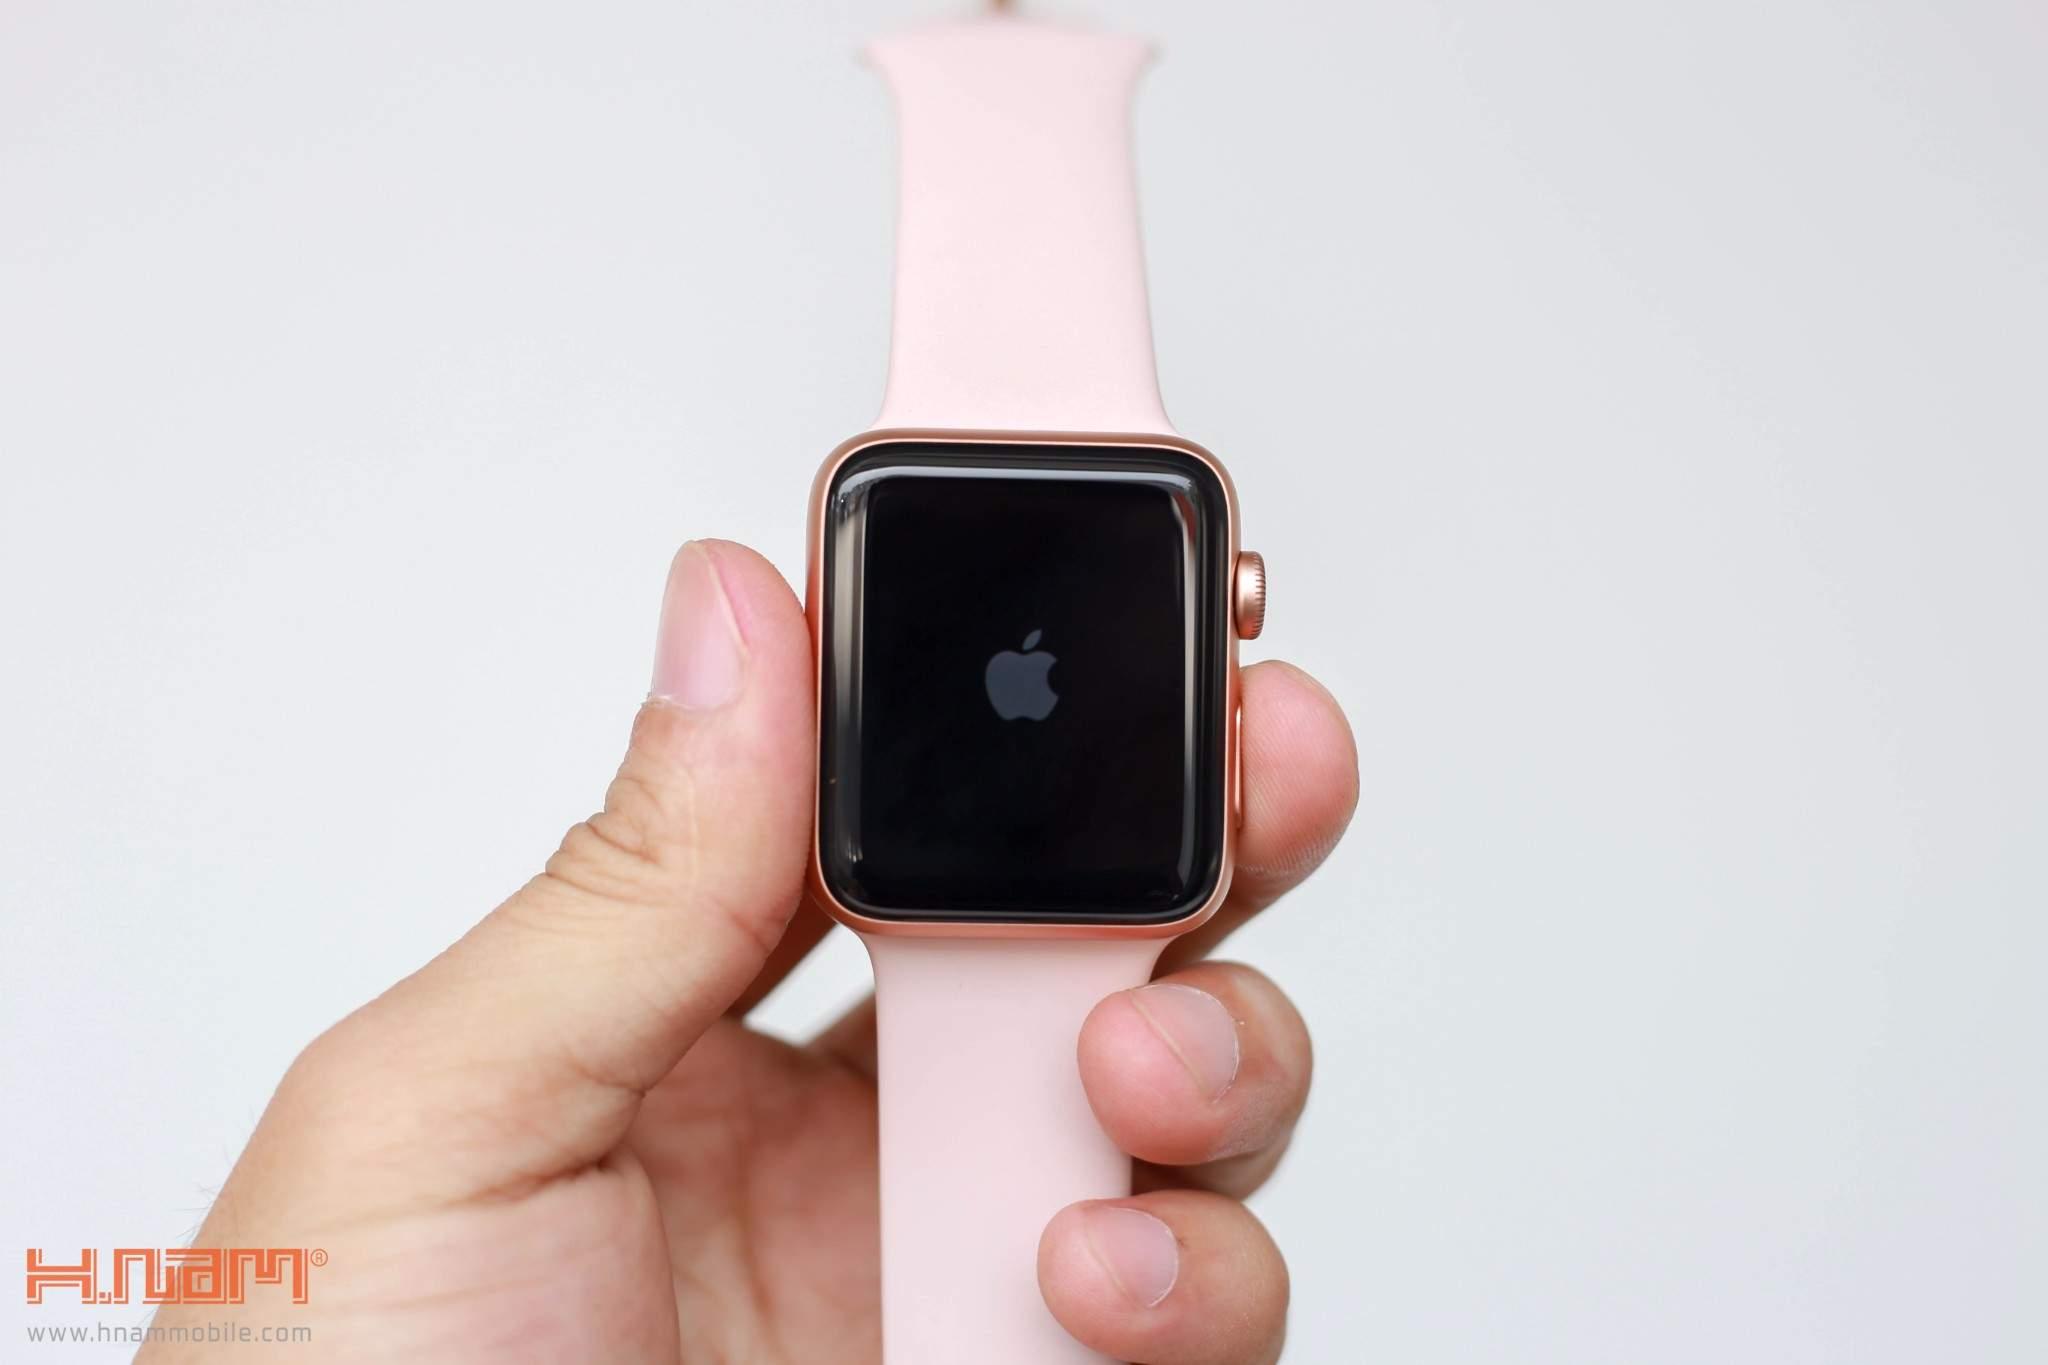 Apple Watch Series 3 Cellular 42mm Gray Aluminum Case- MQK22 ( Trôi bảo hành , chưa Active) hình sản phẩm 0